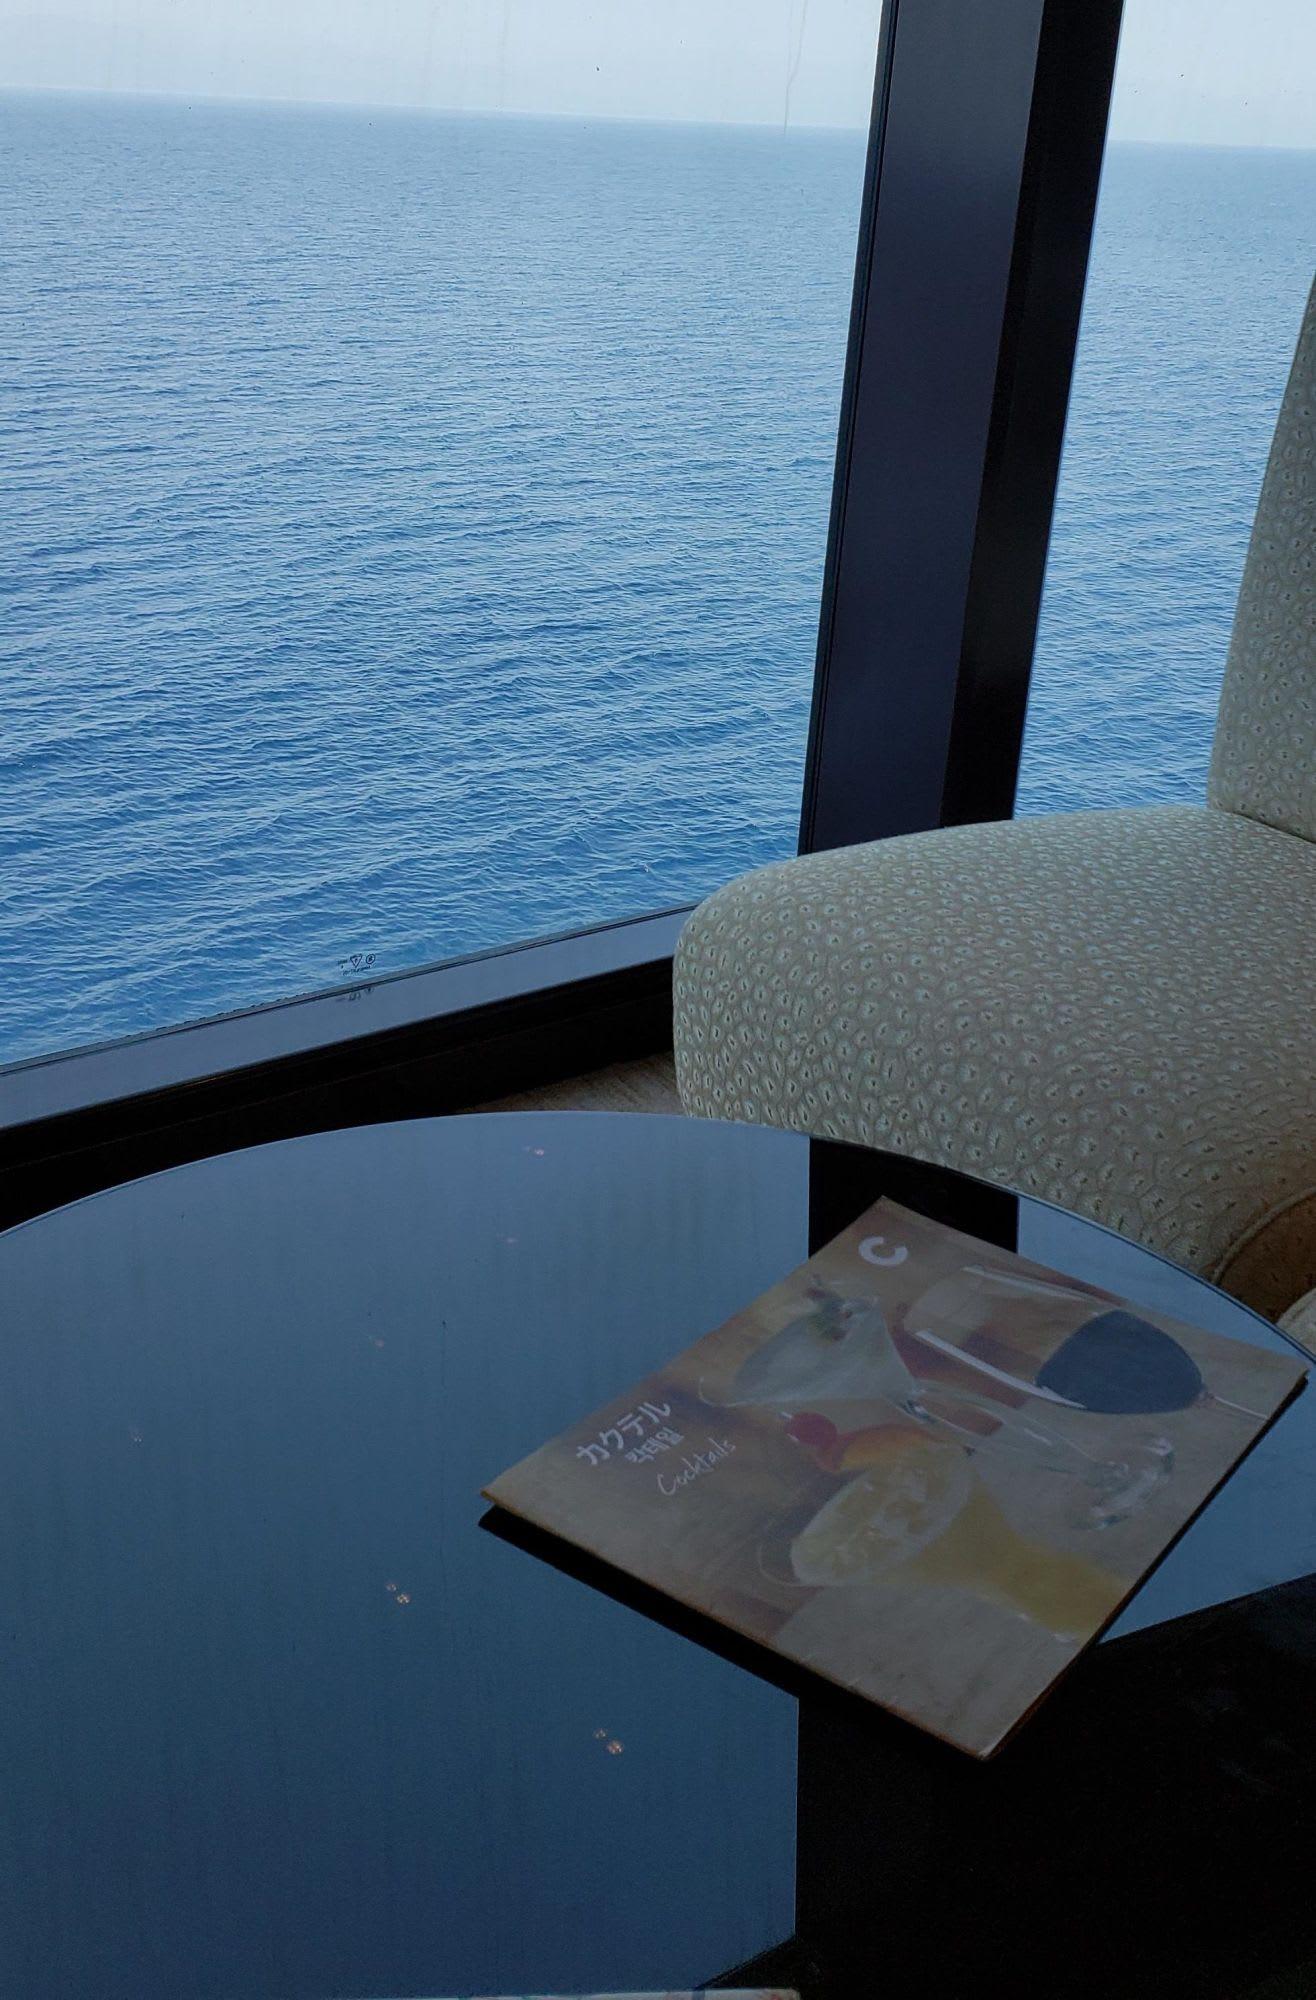 ピアッツァの一番外側は窓のある隠れ家っぽいコーナー海を見ながらの読書とかには最適